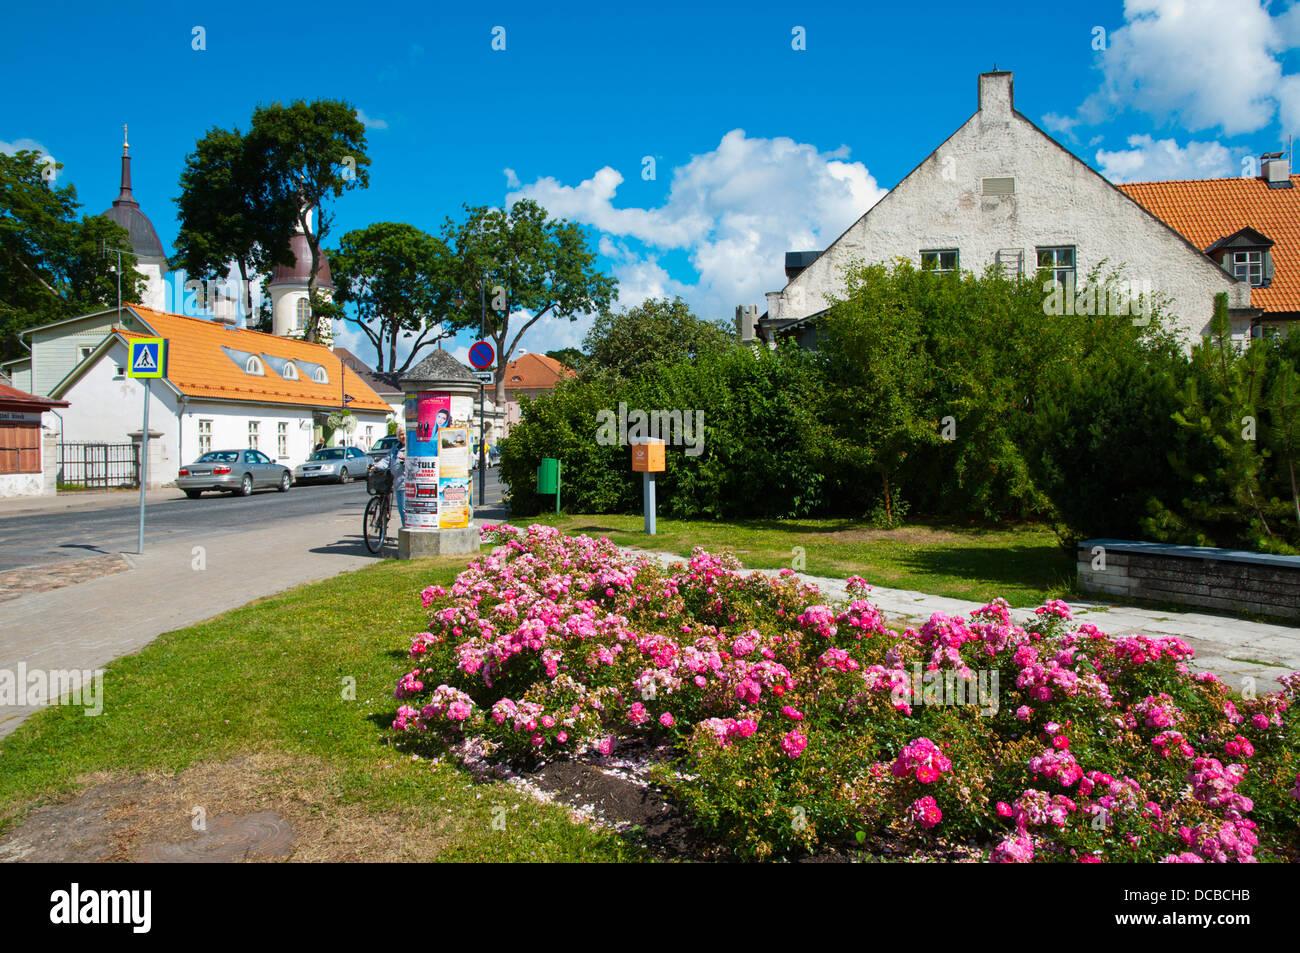 Kuressaare town Saaremaa island Estonia northern Europe - Stock Image